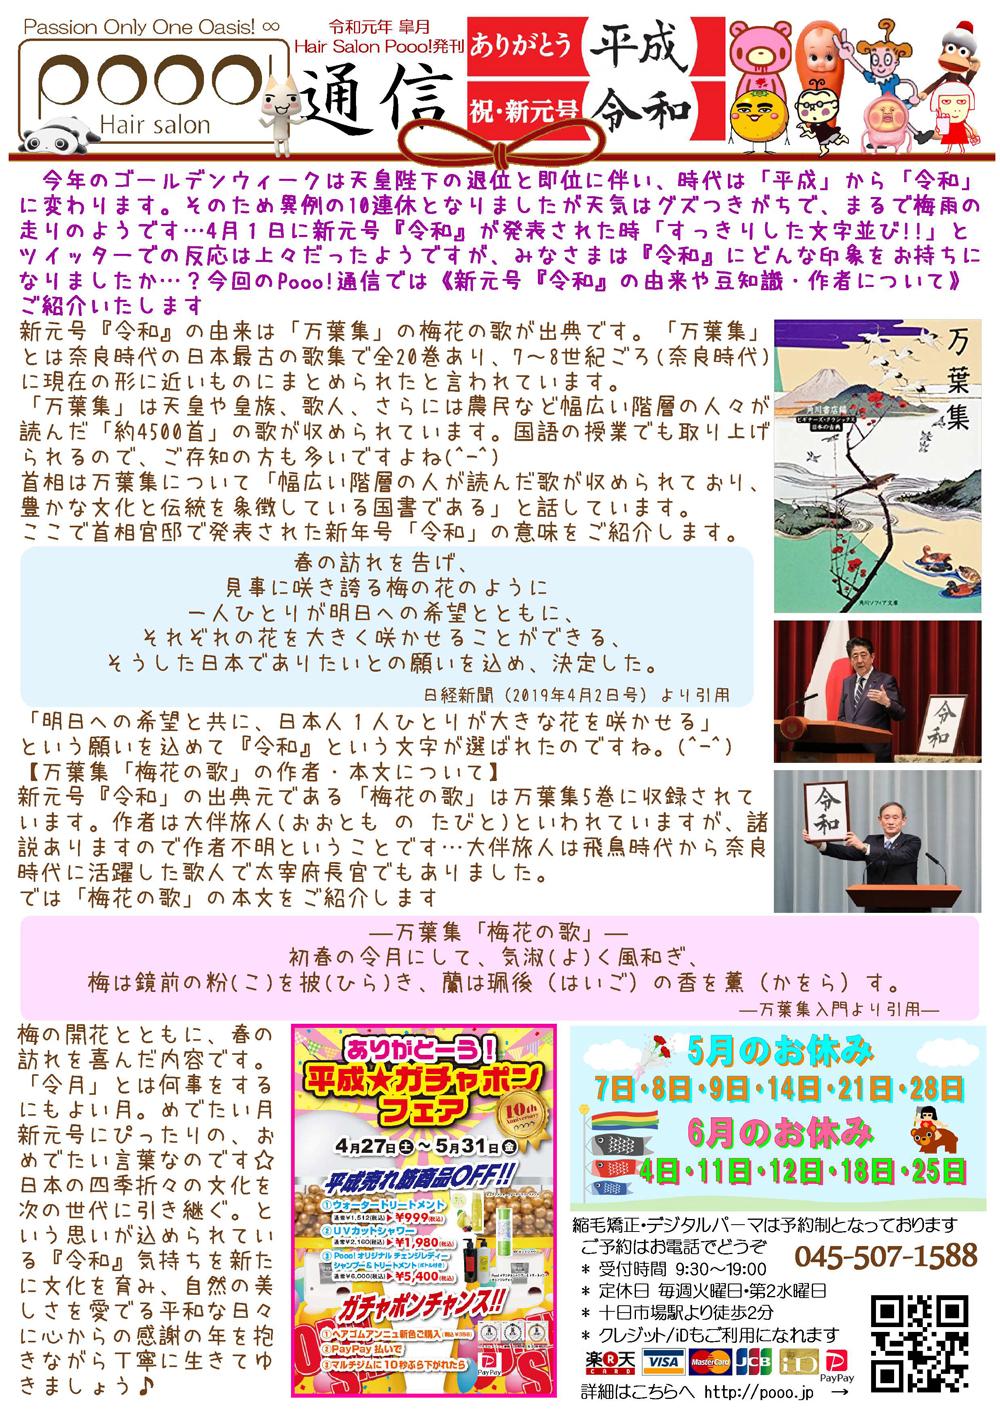 https://pooo.jp/wp-content/uploads/2019/05/Pooonews19-05.jpg